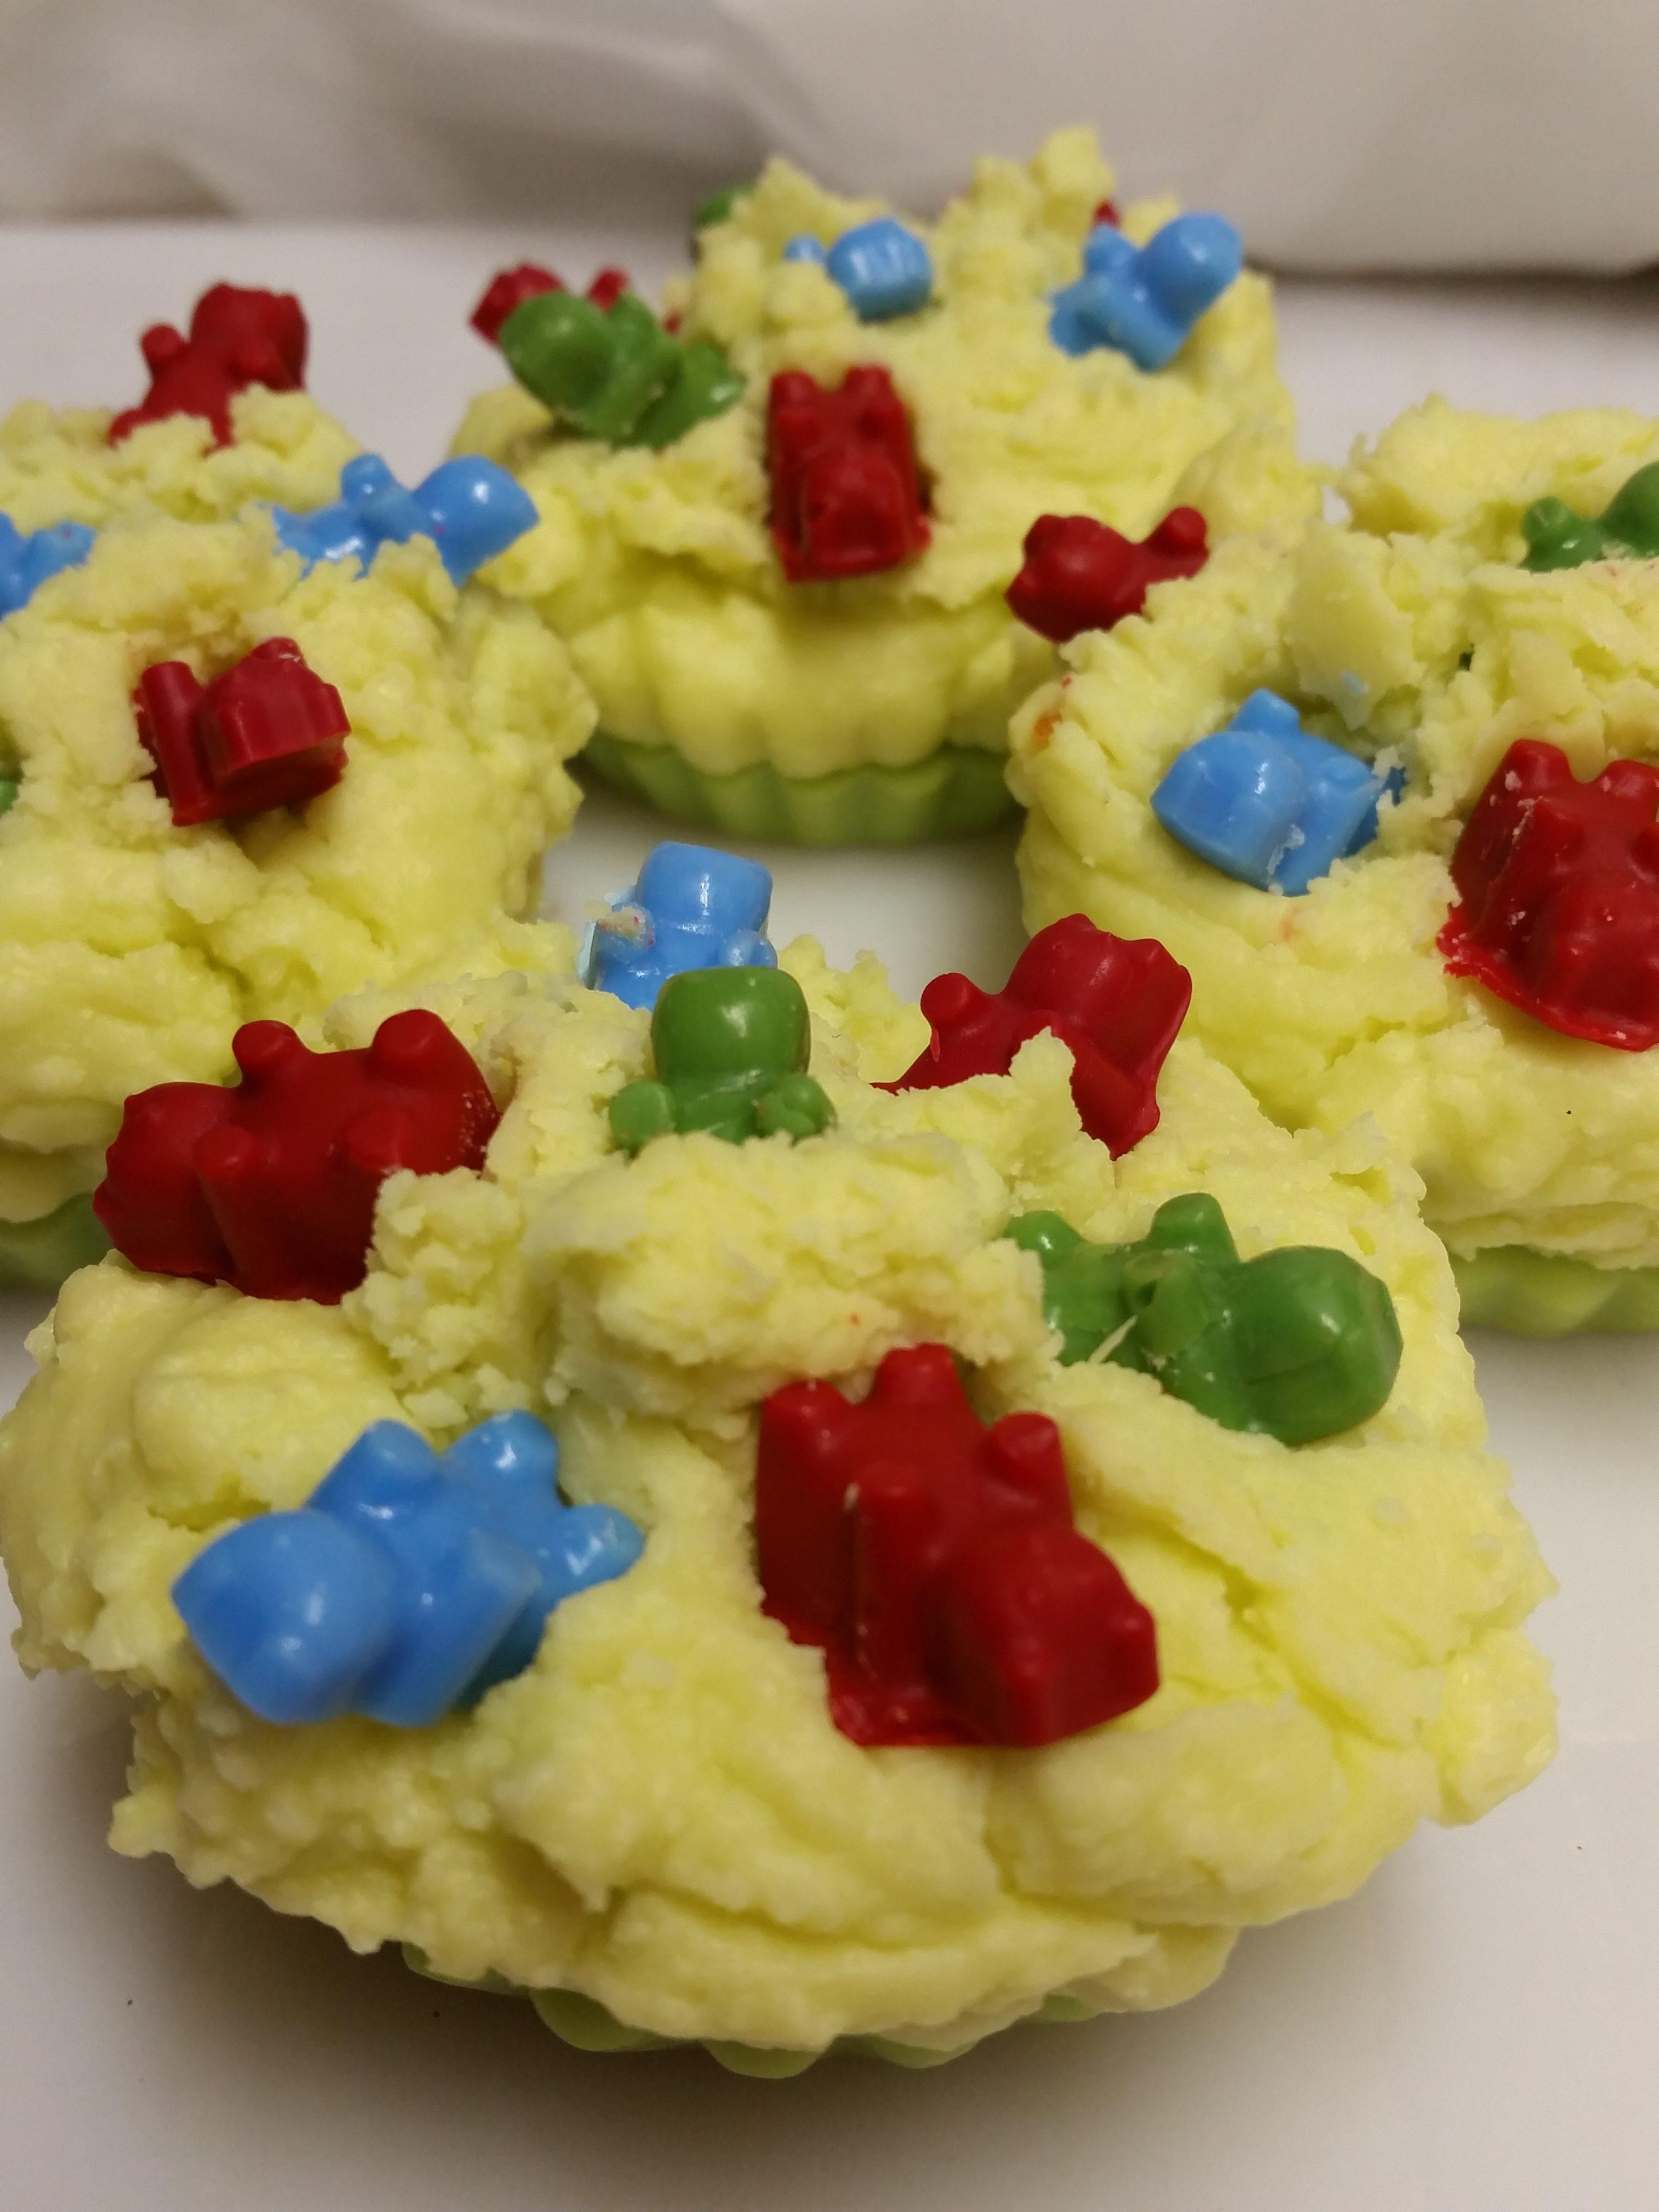 wax-gummybear-fruitslices-e1482611324514